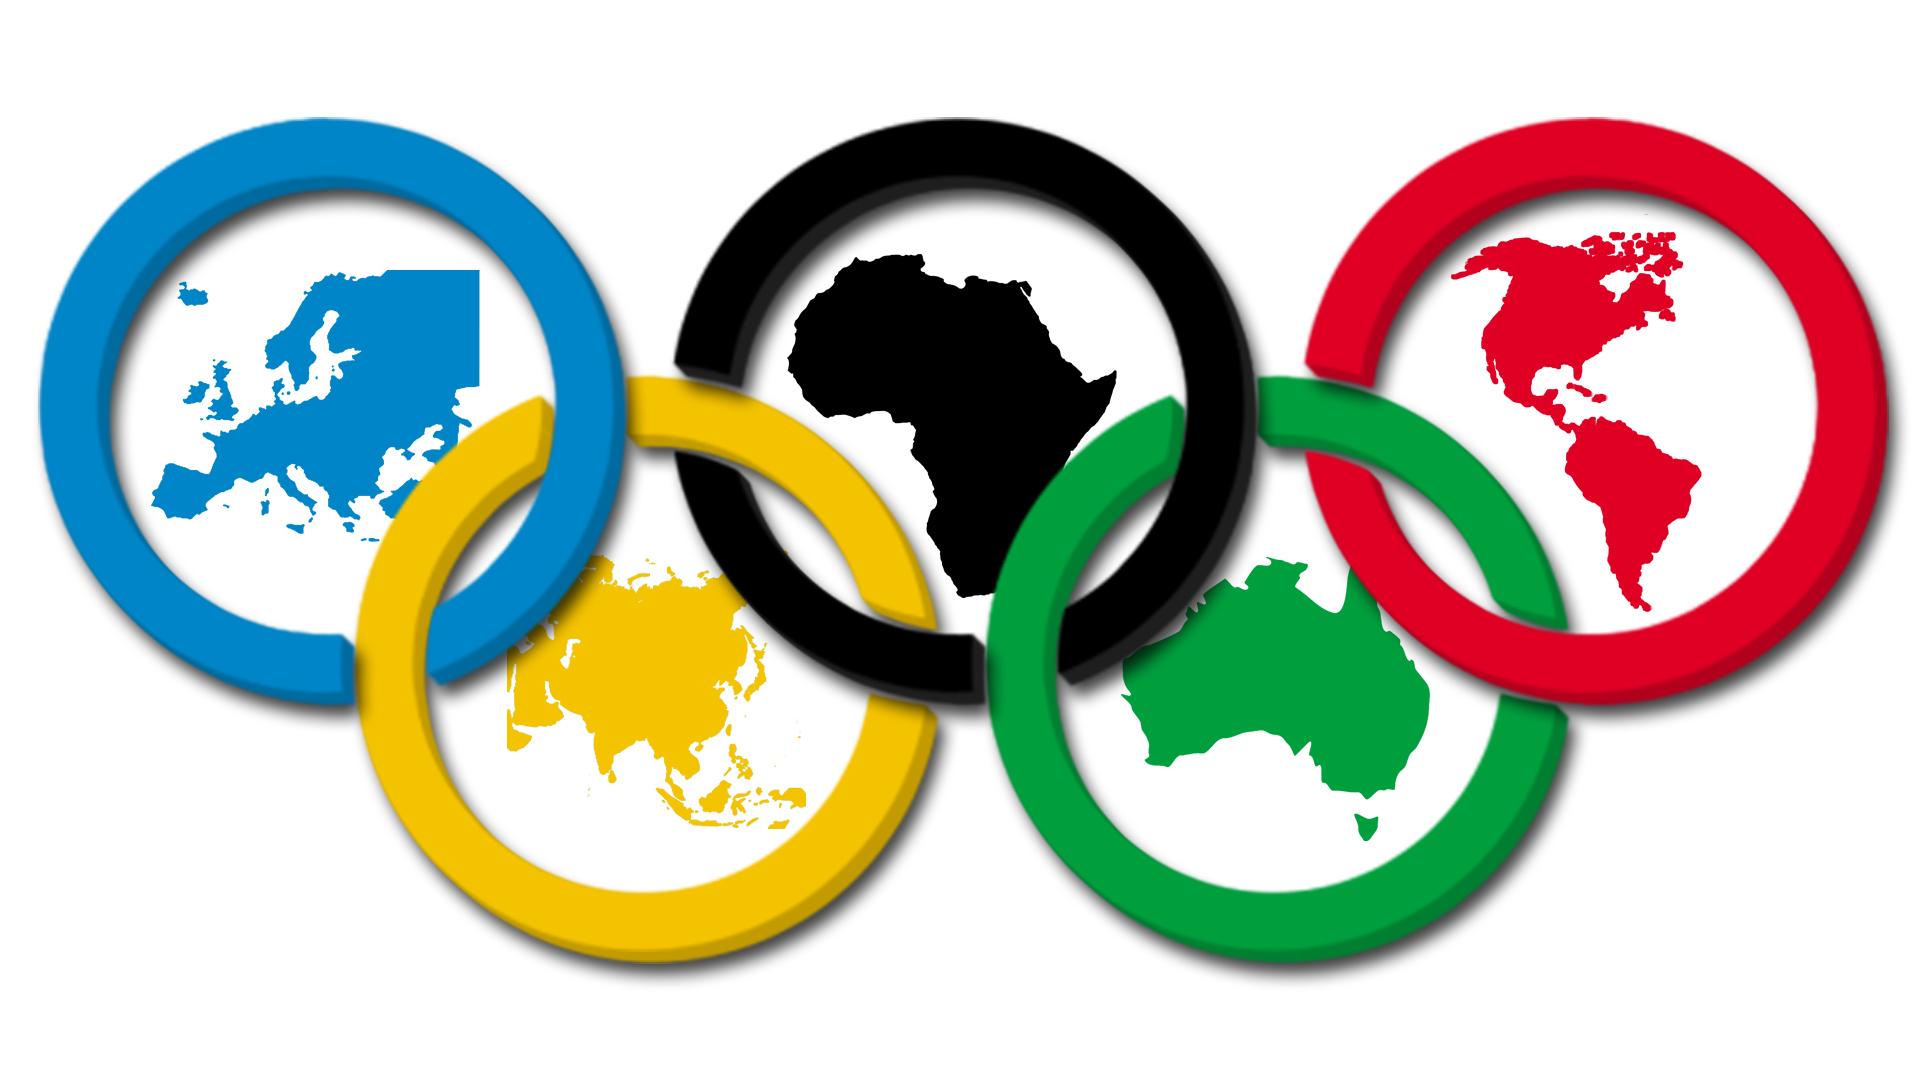 steagul olimpic reprezintă caracterul internațional al Jocurilor Olimpice